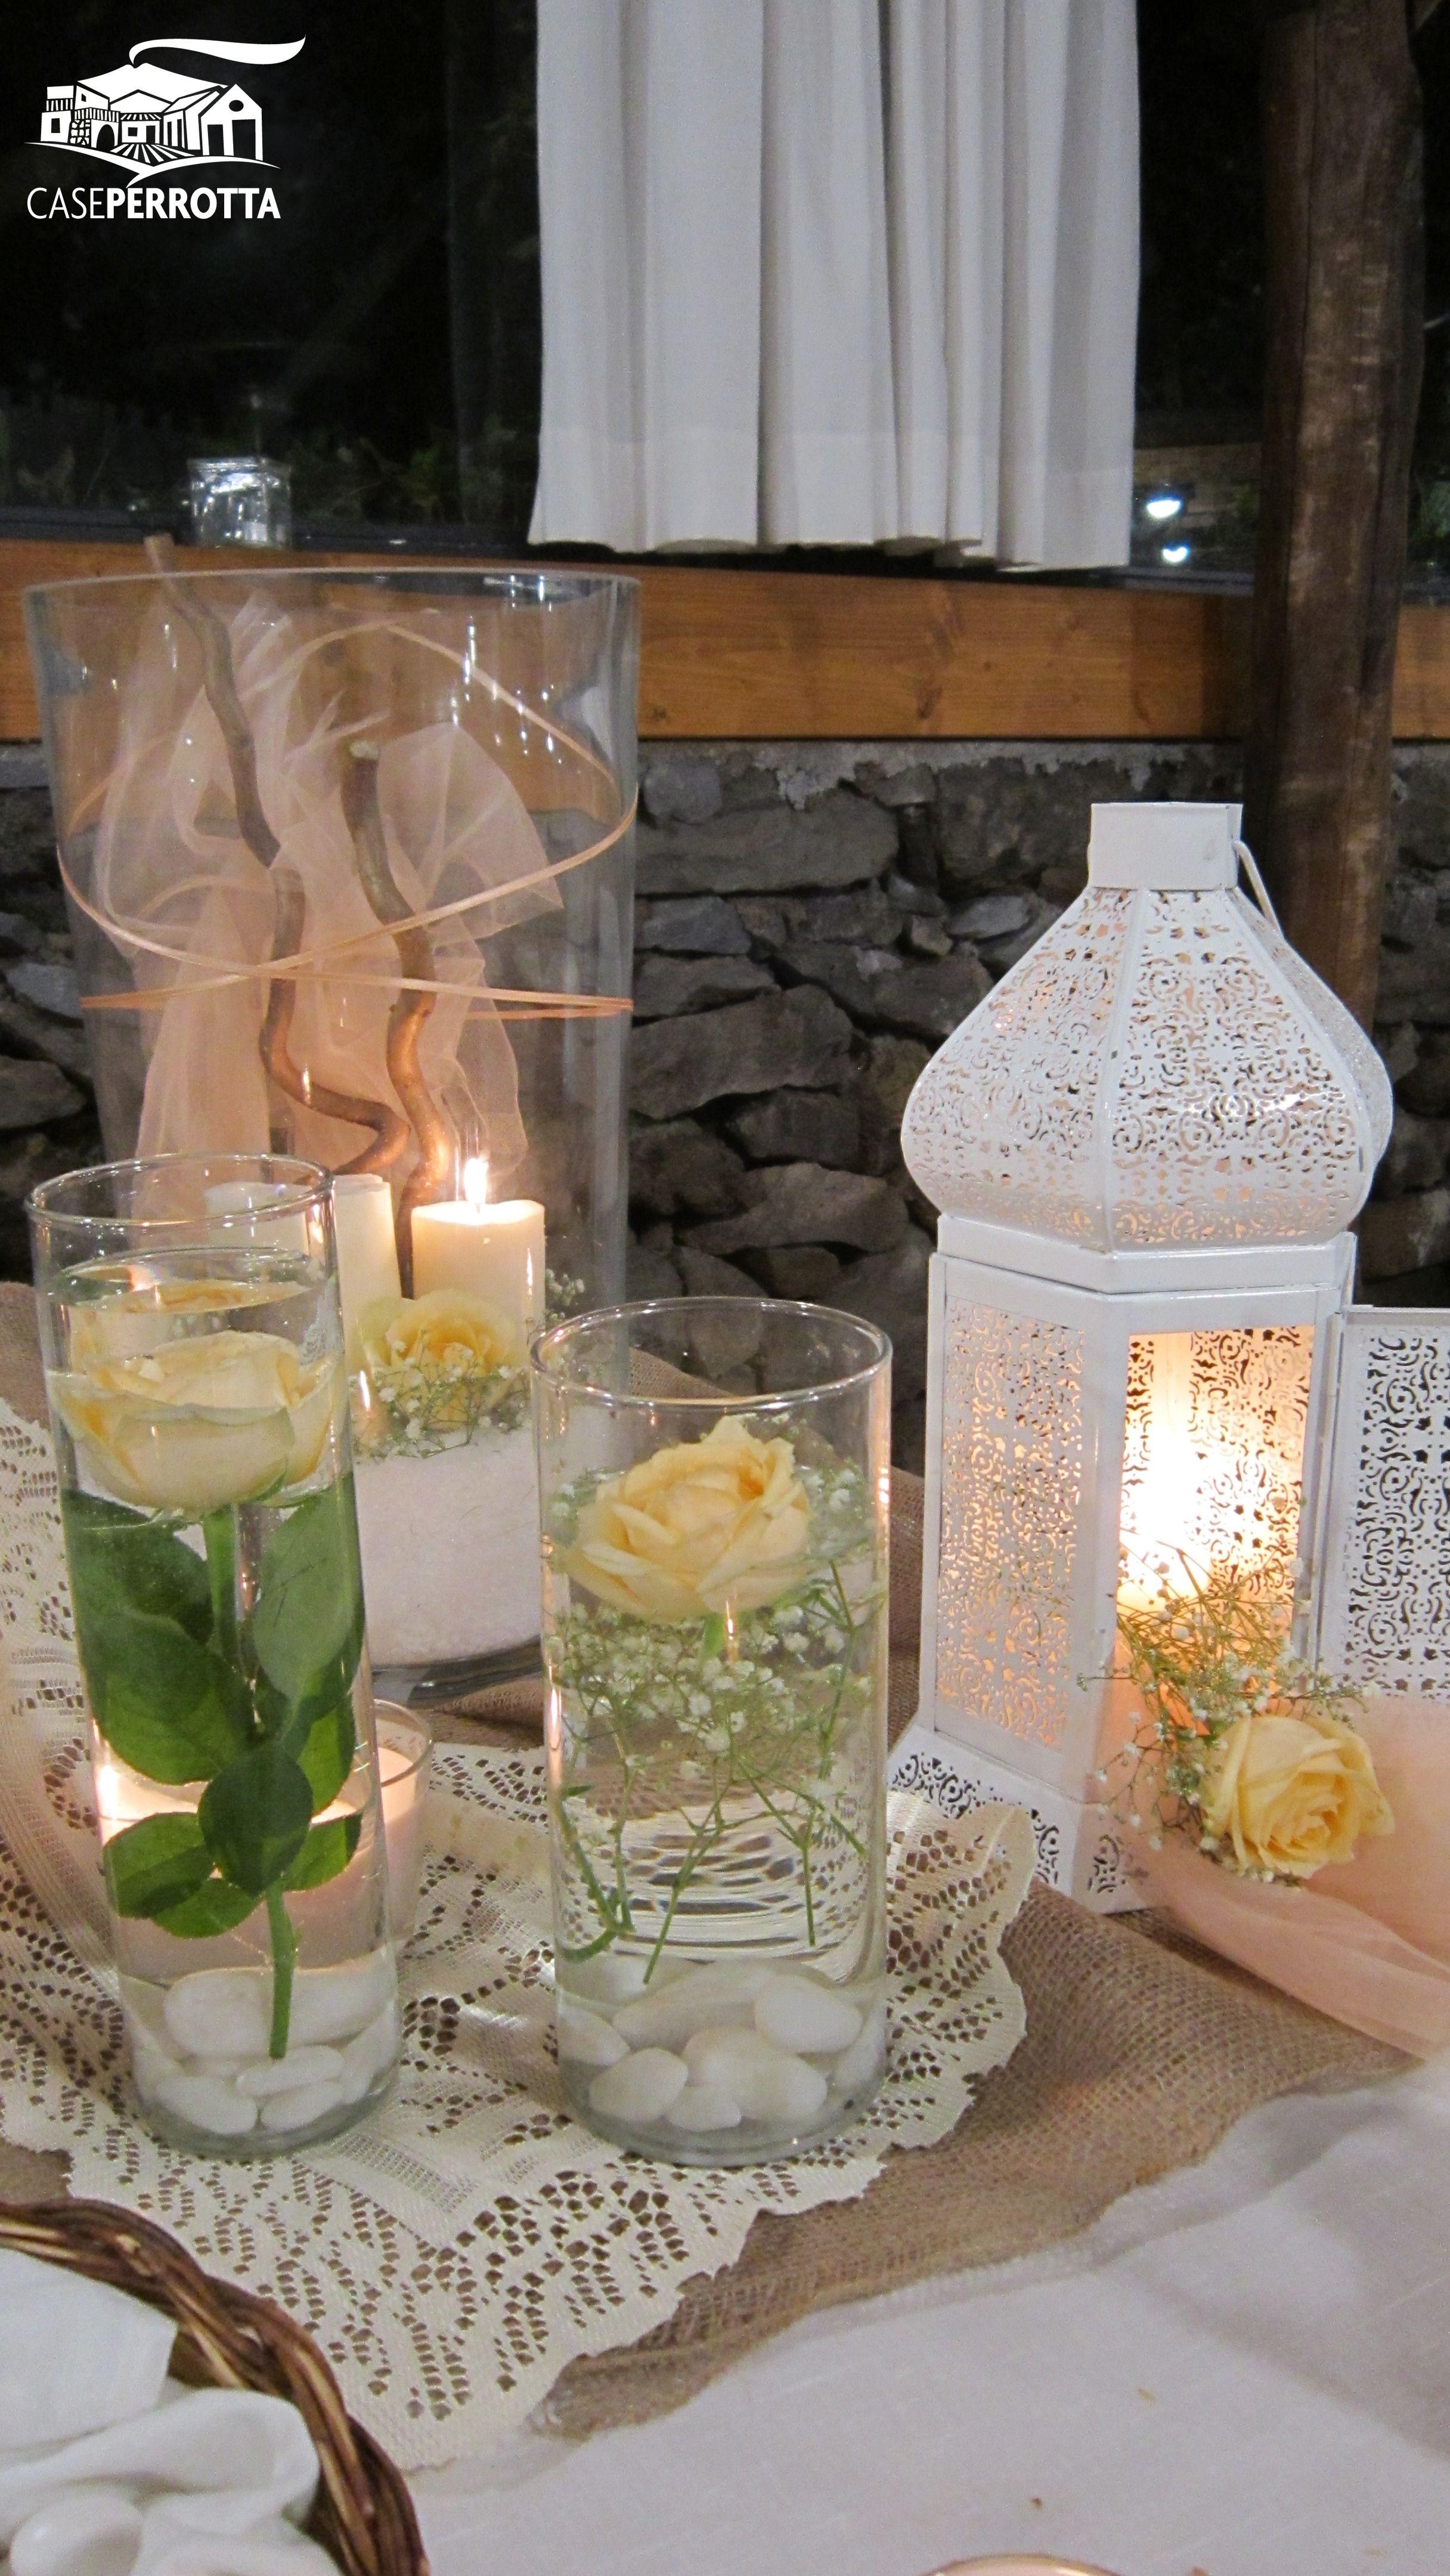 Confettata Matrimonio Country Chic : Elegante confettata con delicate rose sommerse e candele in